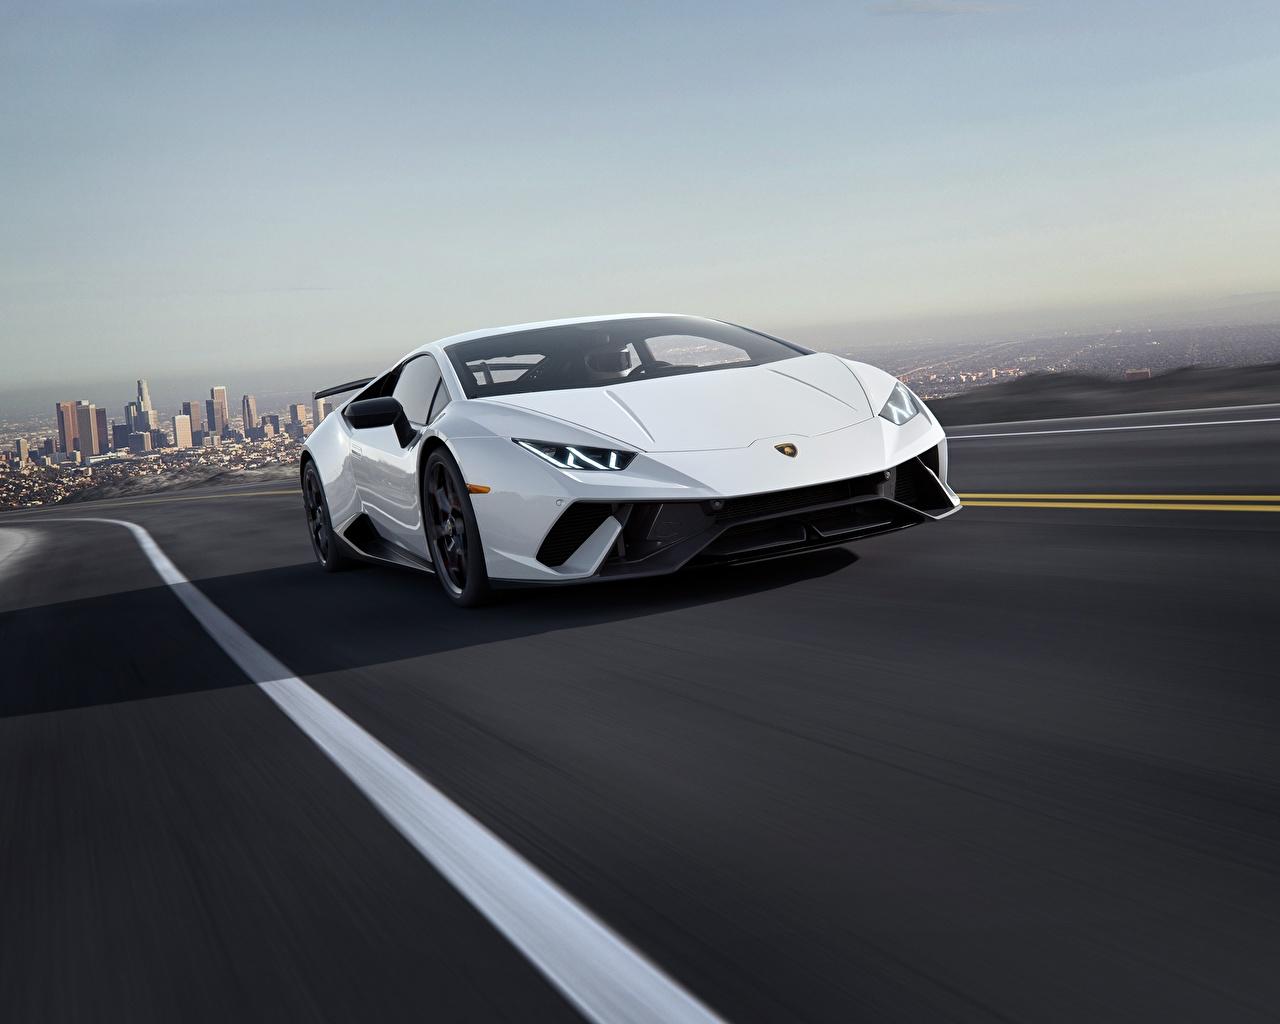 Картинки Lamborghini 2018 CGI Performante Huracan белая едущая авто Ламборгини Белый белые белых едет едущий скорость Движение машина машины Автомобили автомобиль